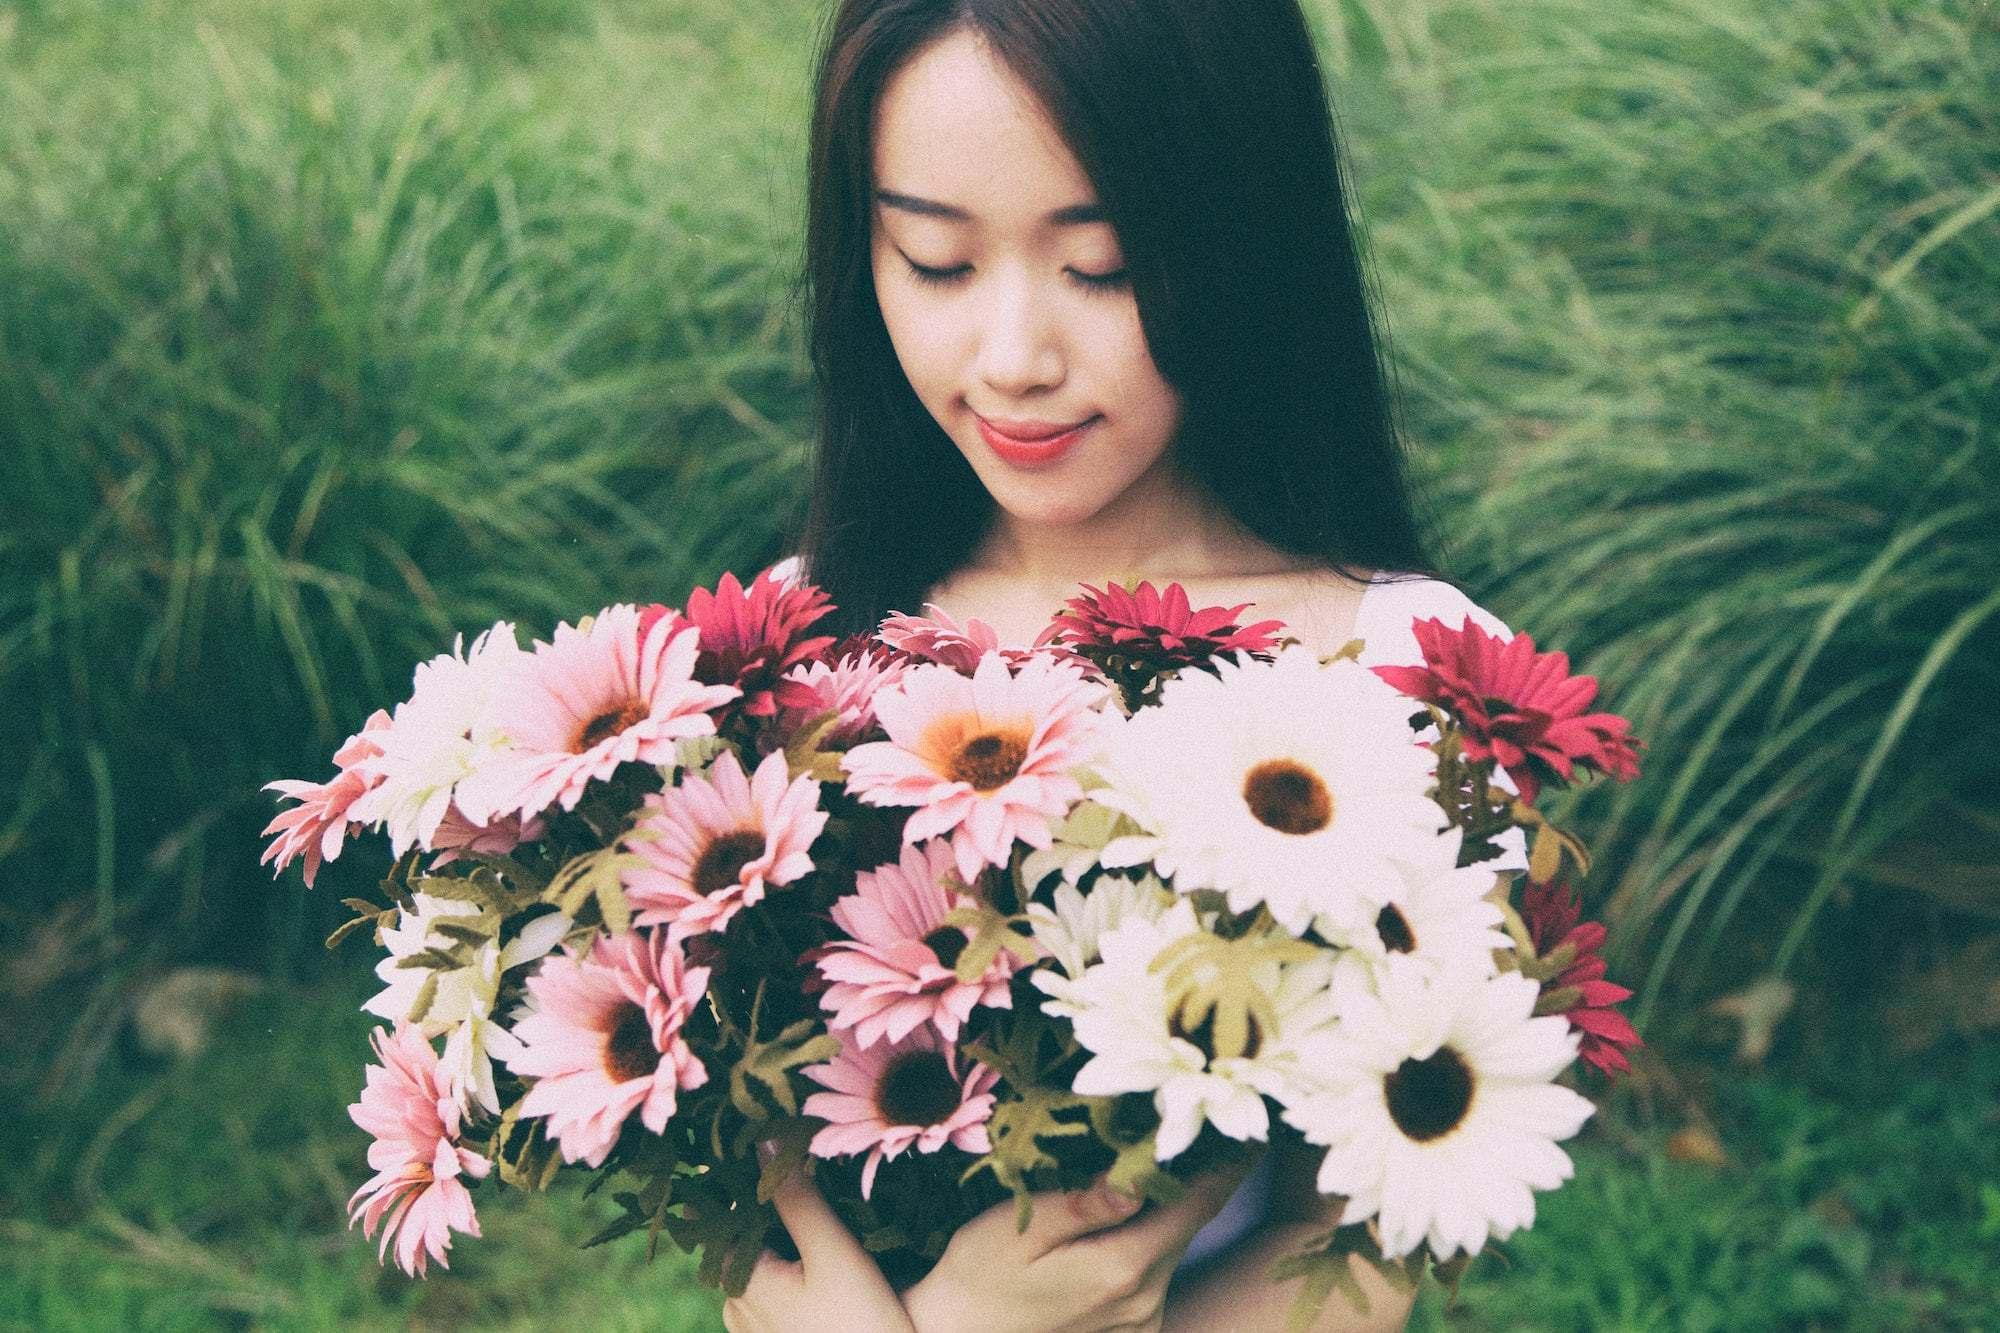 4 Điều giúp bạn thanh lọc tâm hồn giữa cuộc sống tiêu cực